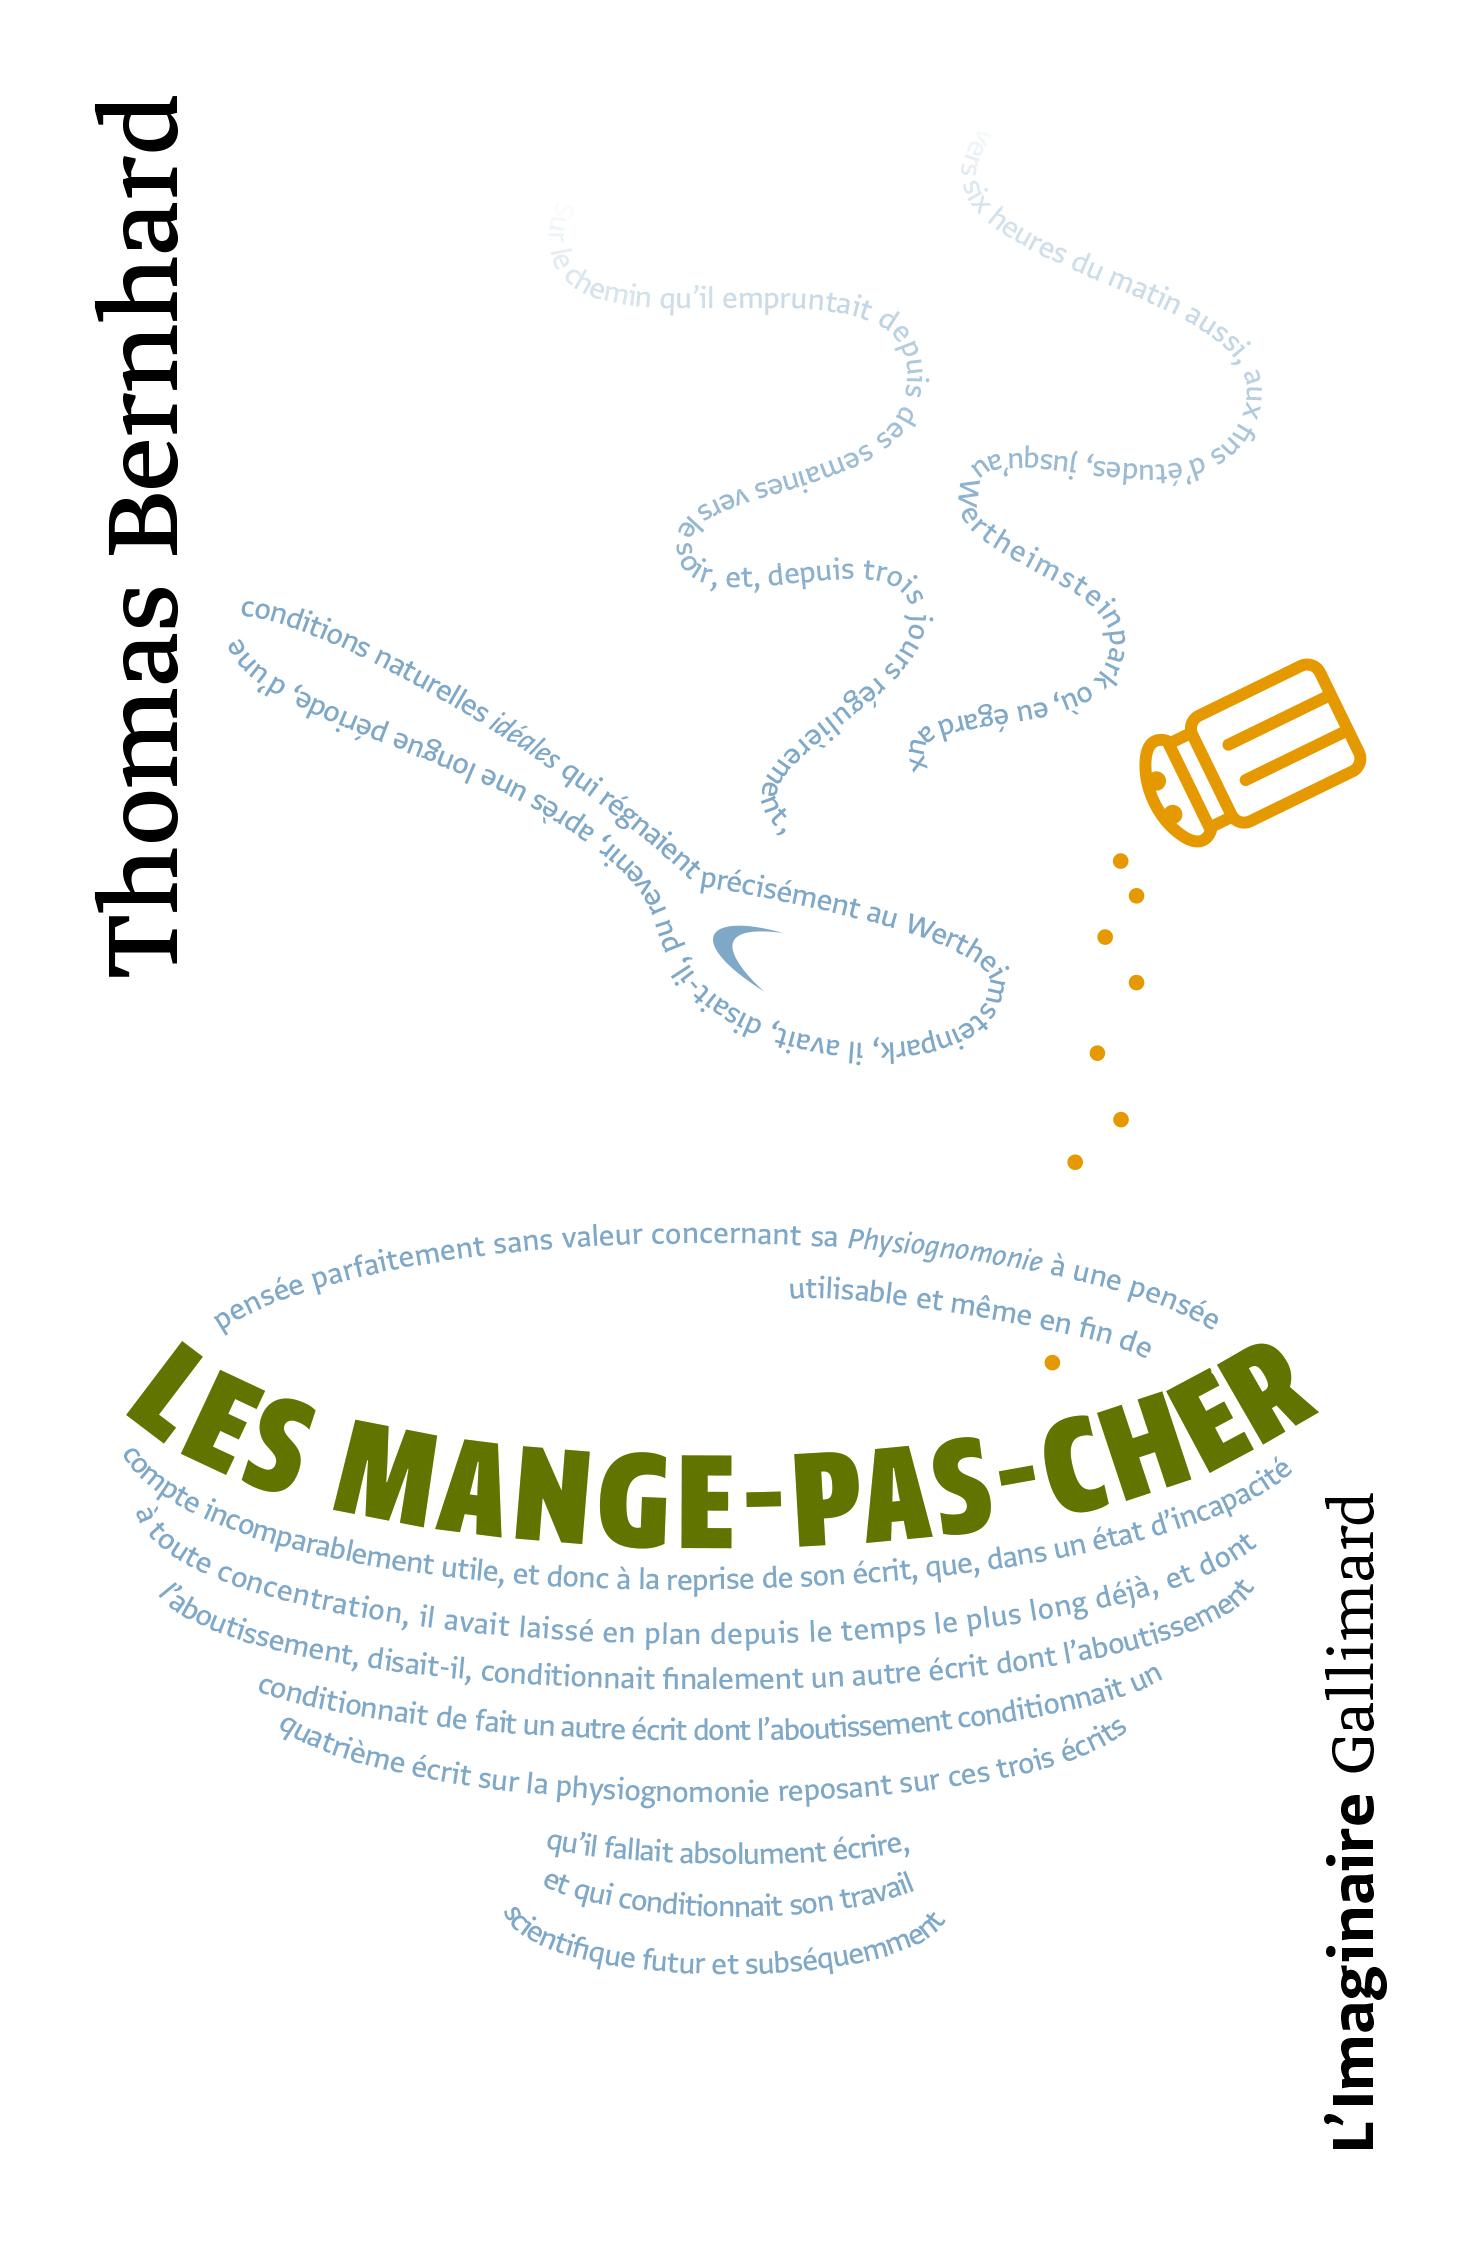 LES MANGE-PAS-CHER